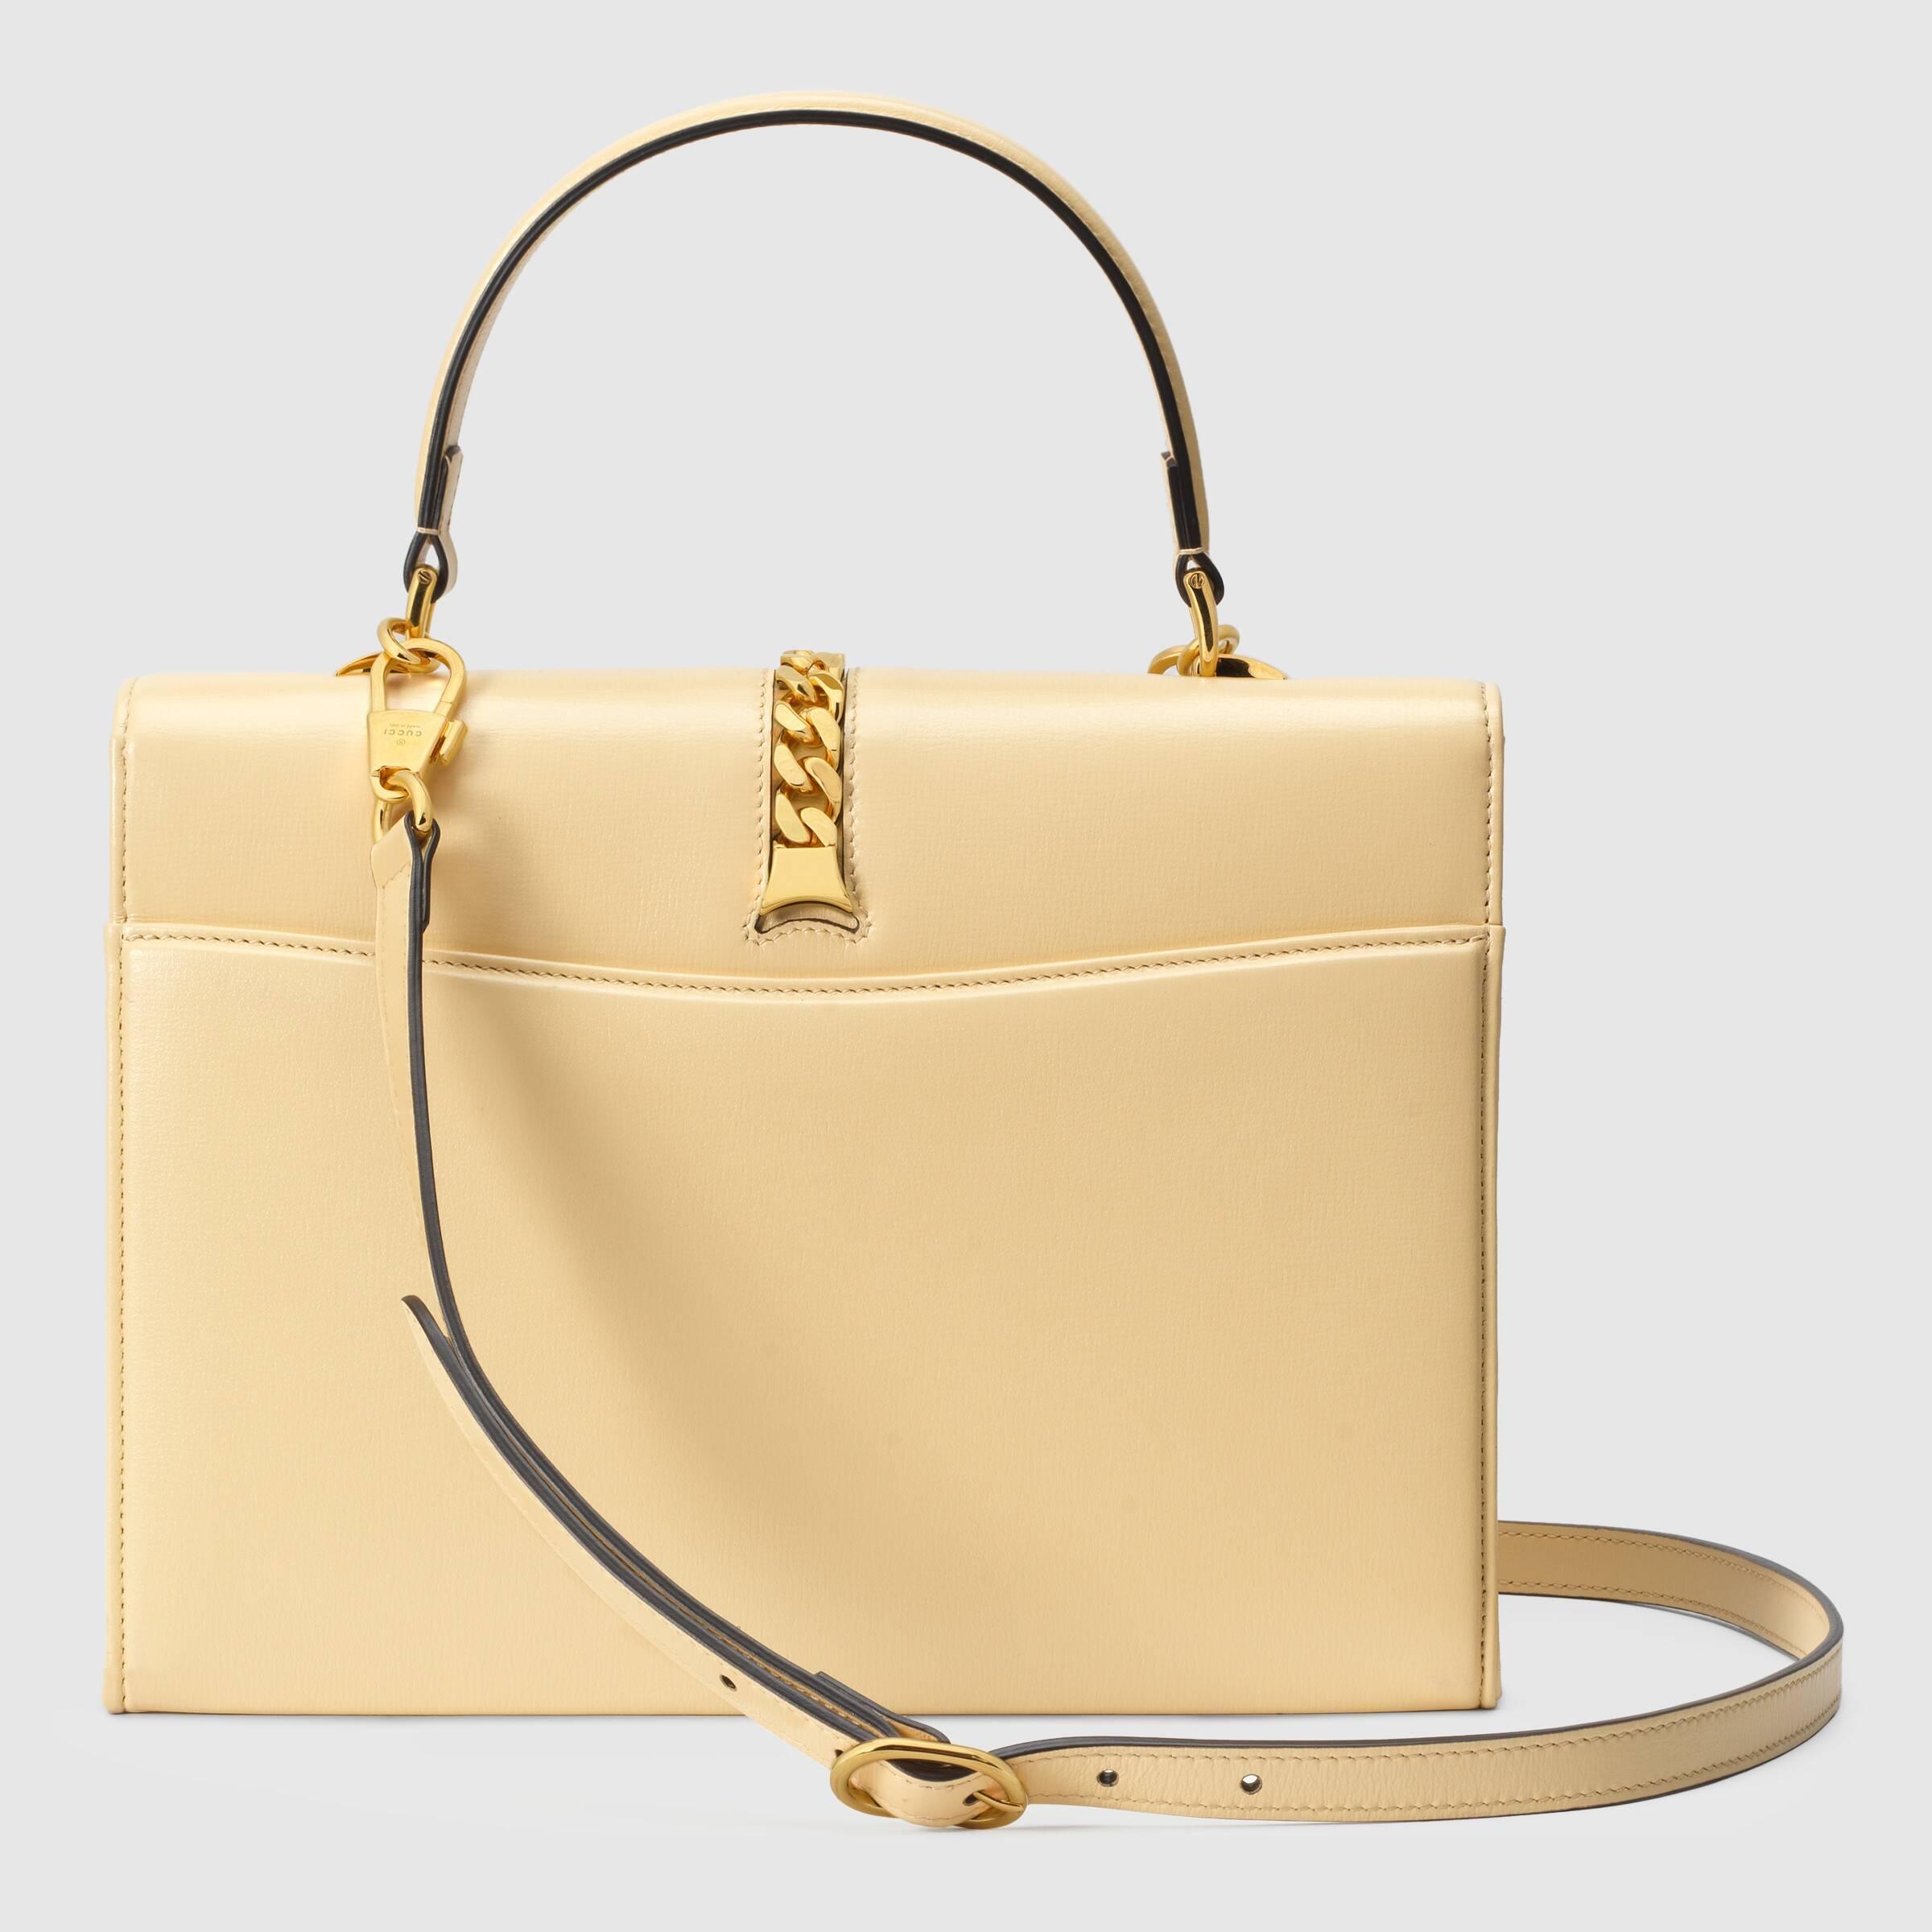 유럽직배송 구찌 토트백 GUCCI Sylvie 1969 small top handle bag 6027811DB0G9327